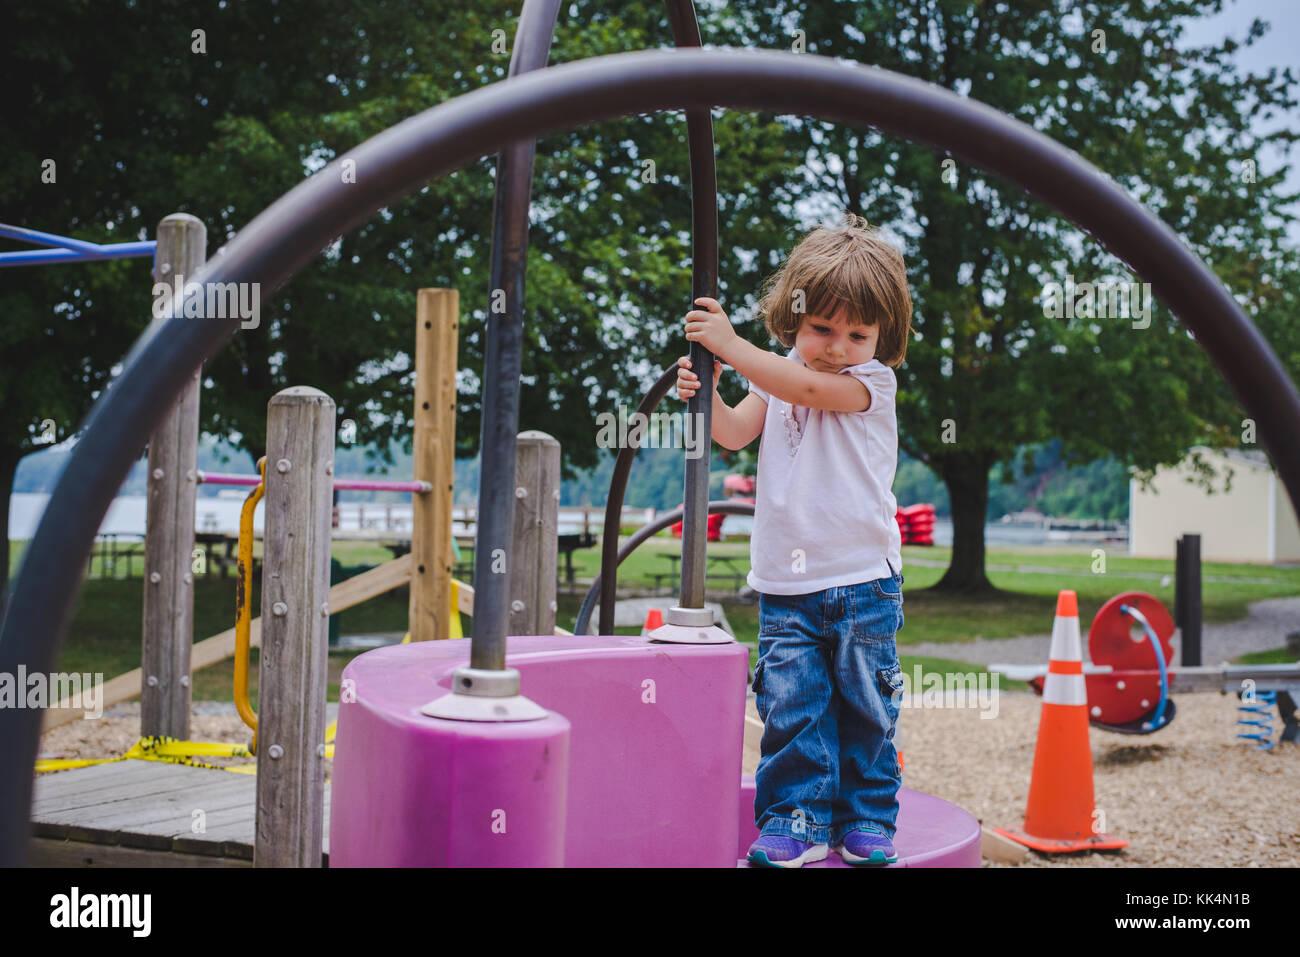 Una niña sube sobre equipos de juegos en el día de verano Imagen De Stock